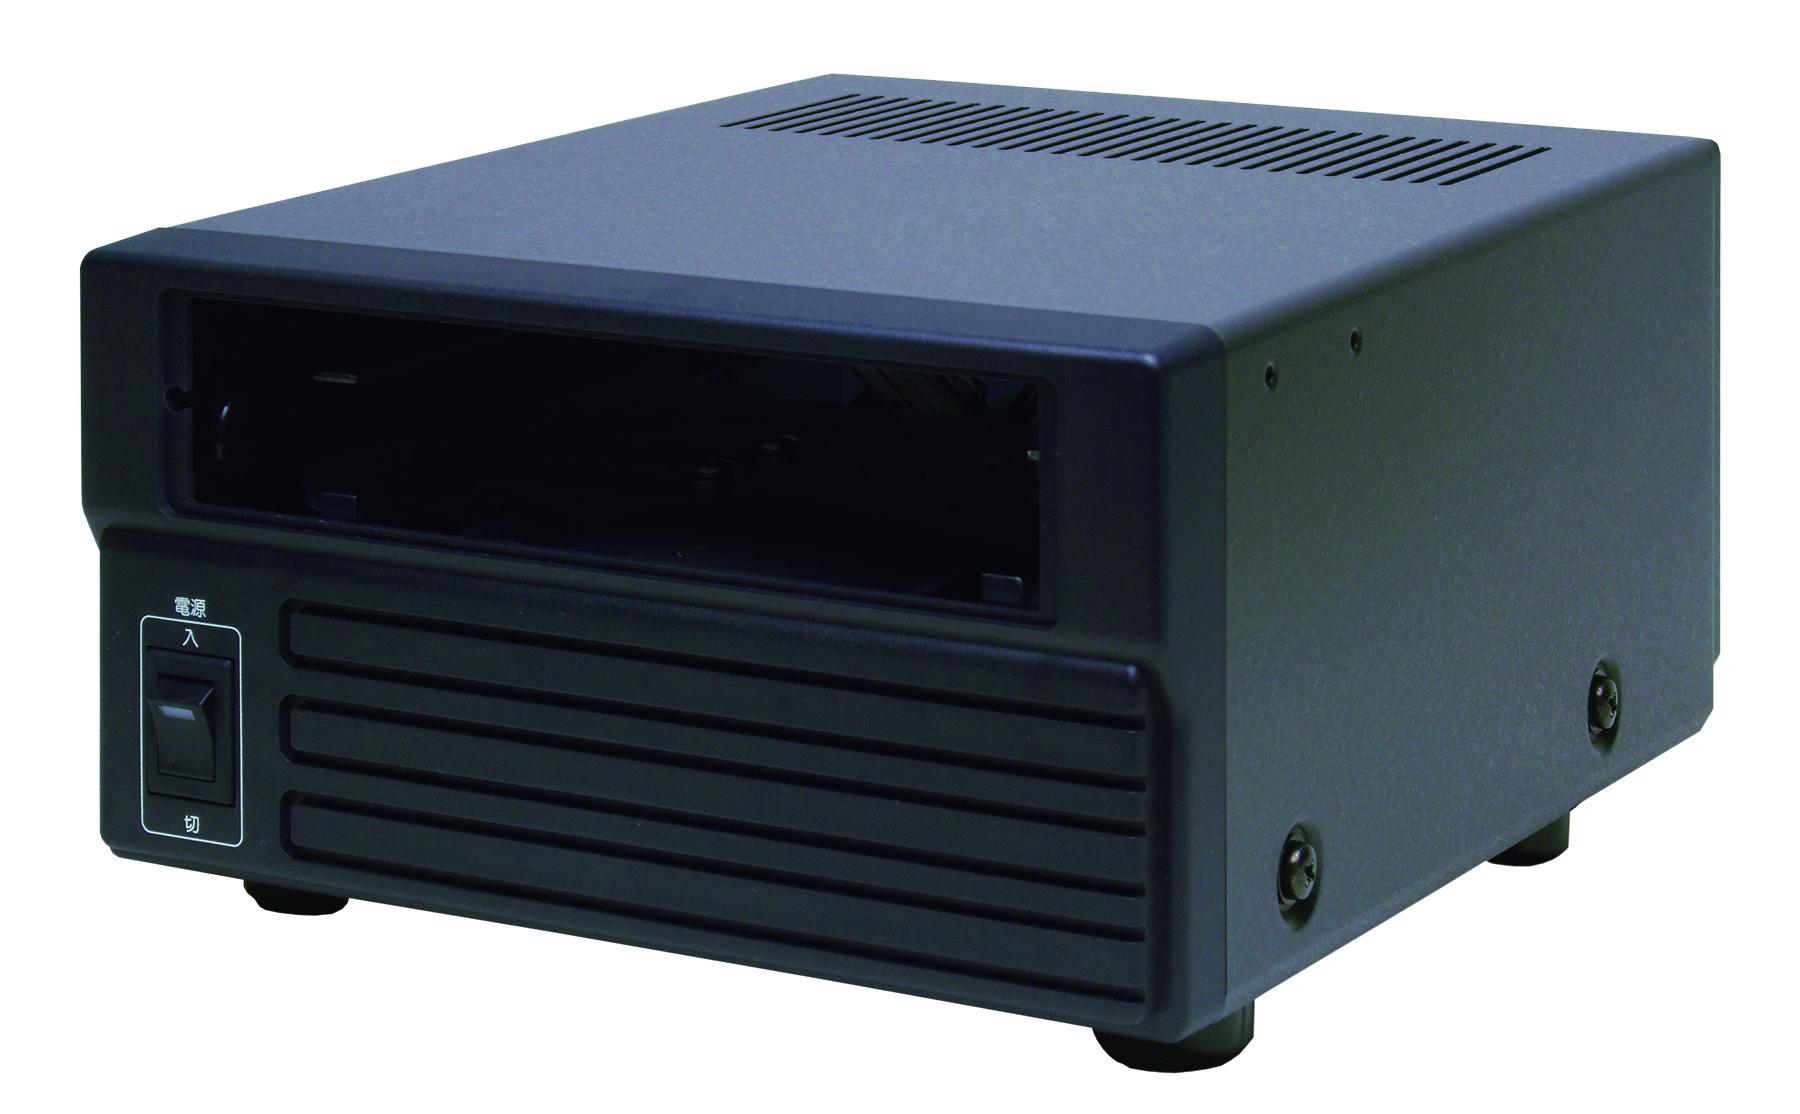 PS500JA